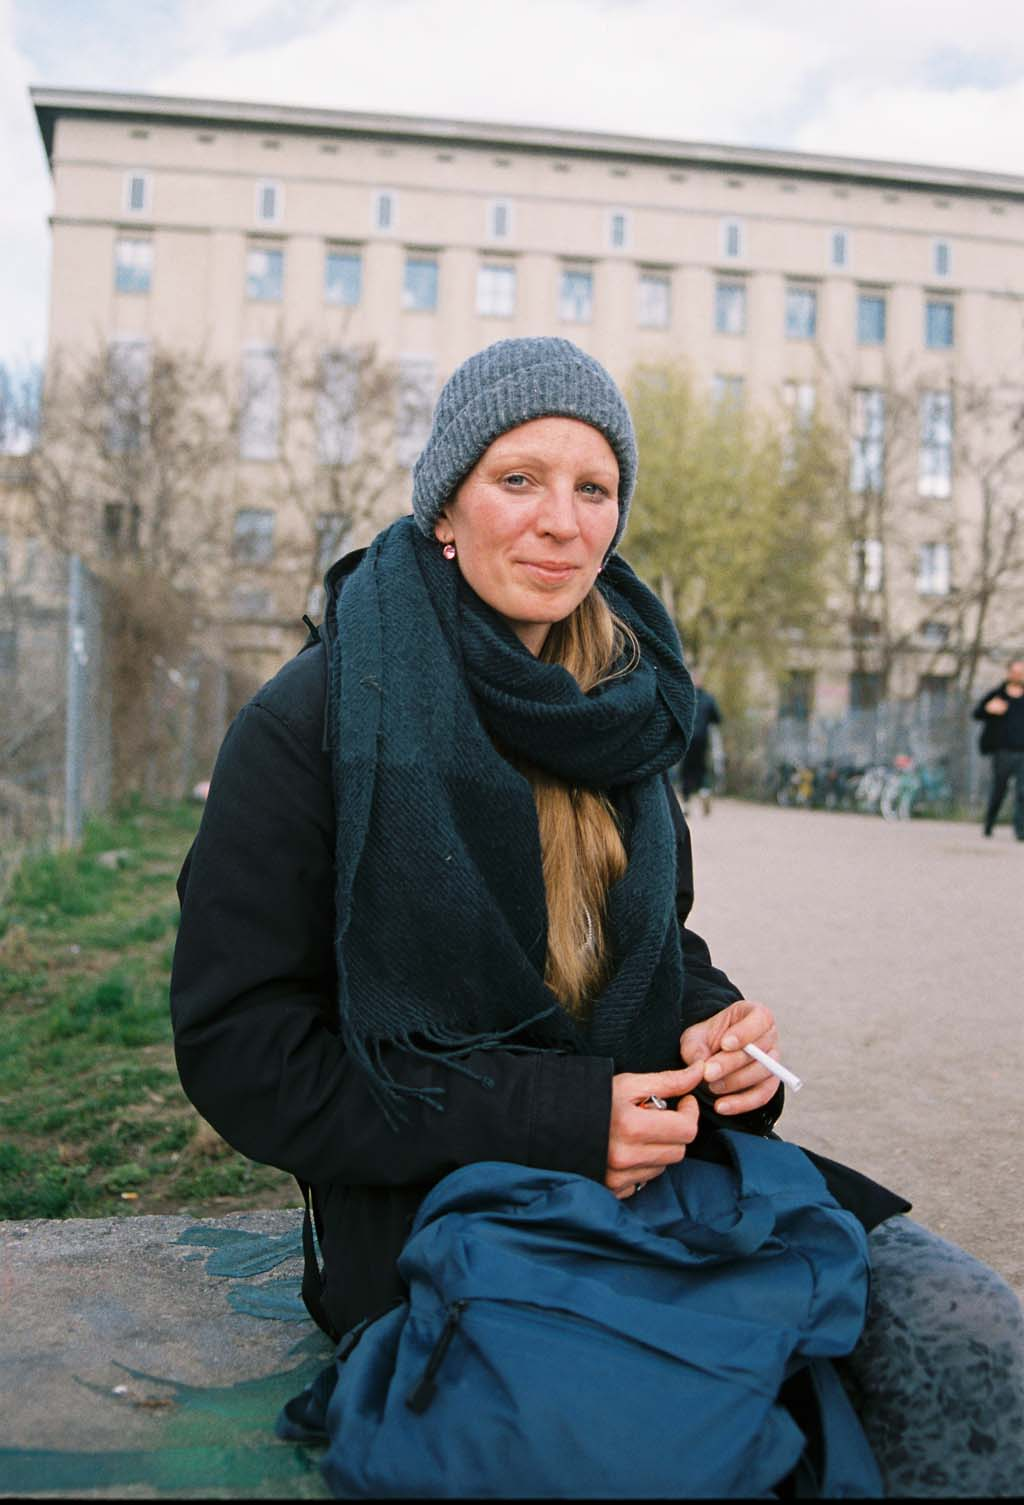 Nacht Clubs Berlin femme bonnet